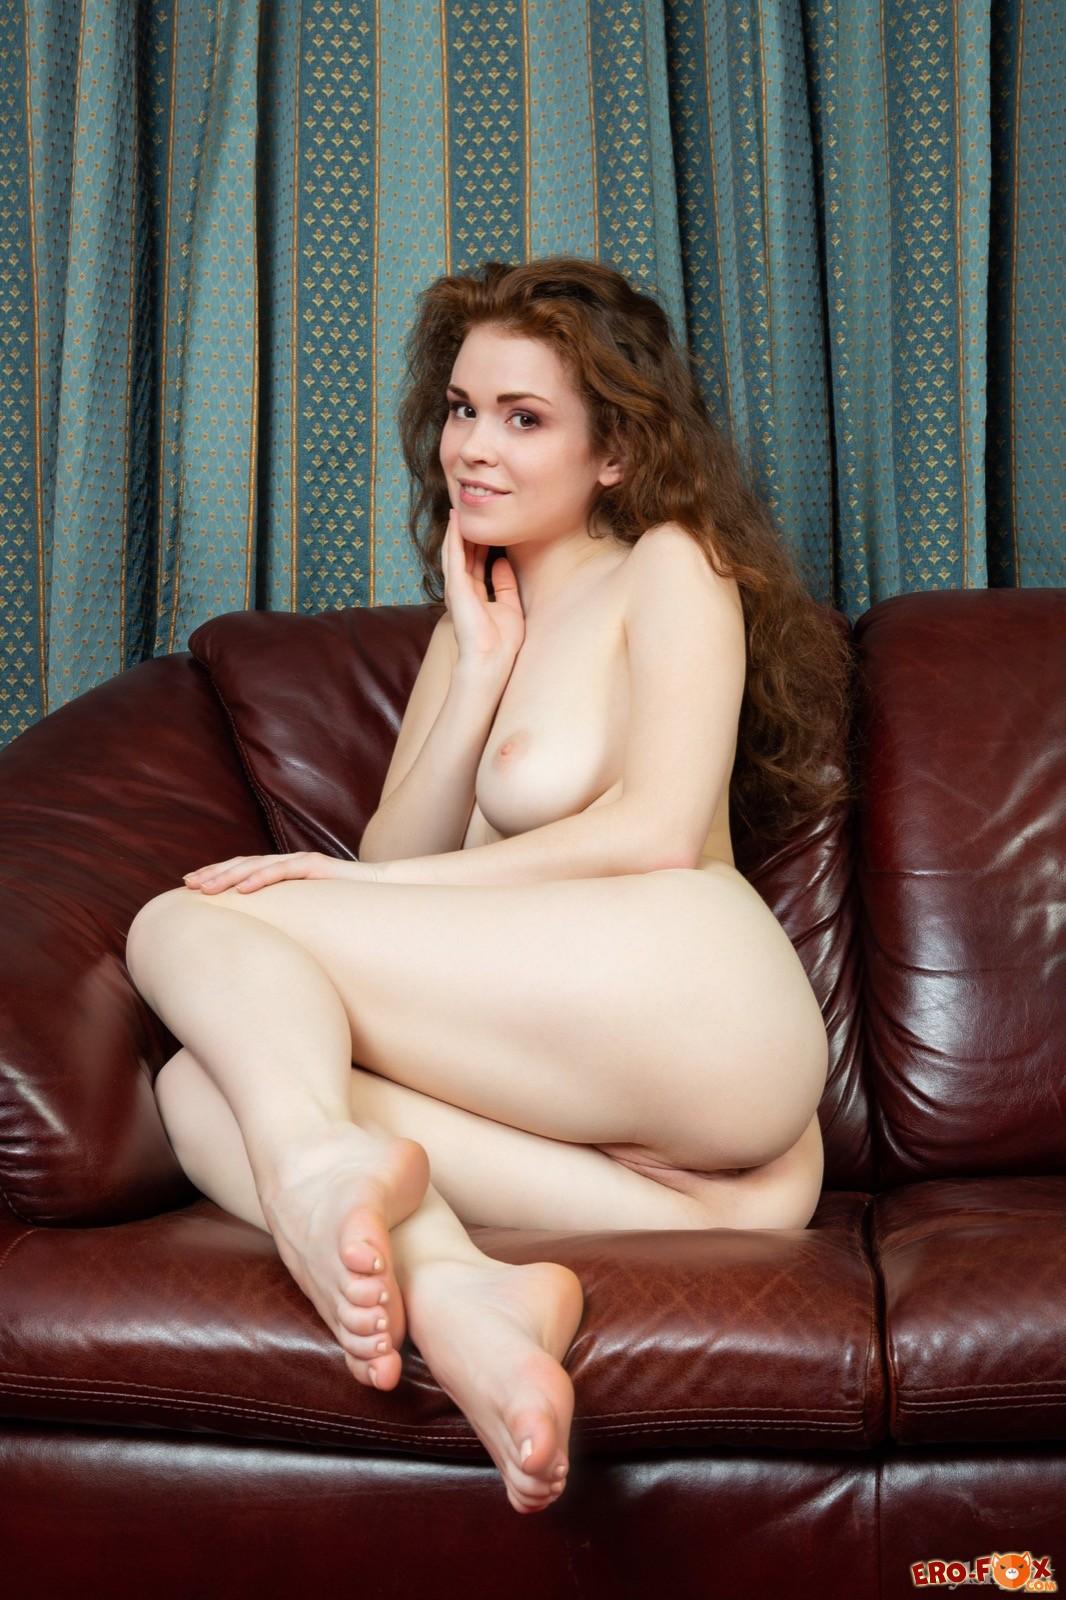 Сексуальная девушка снимает черные трусики на диване - фото